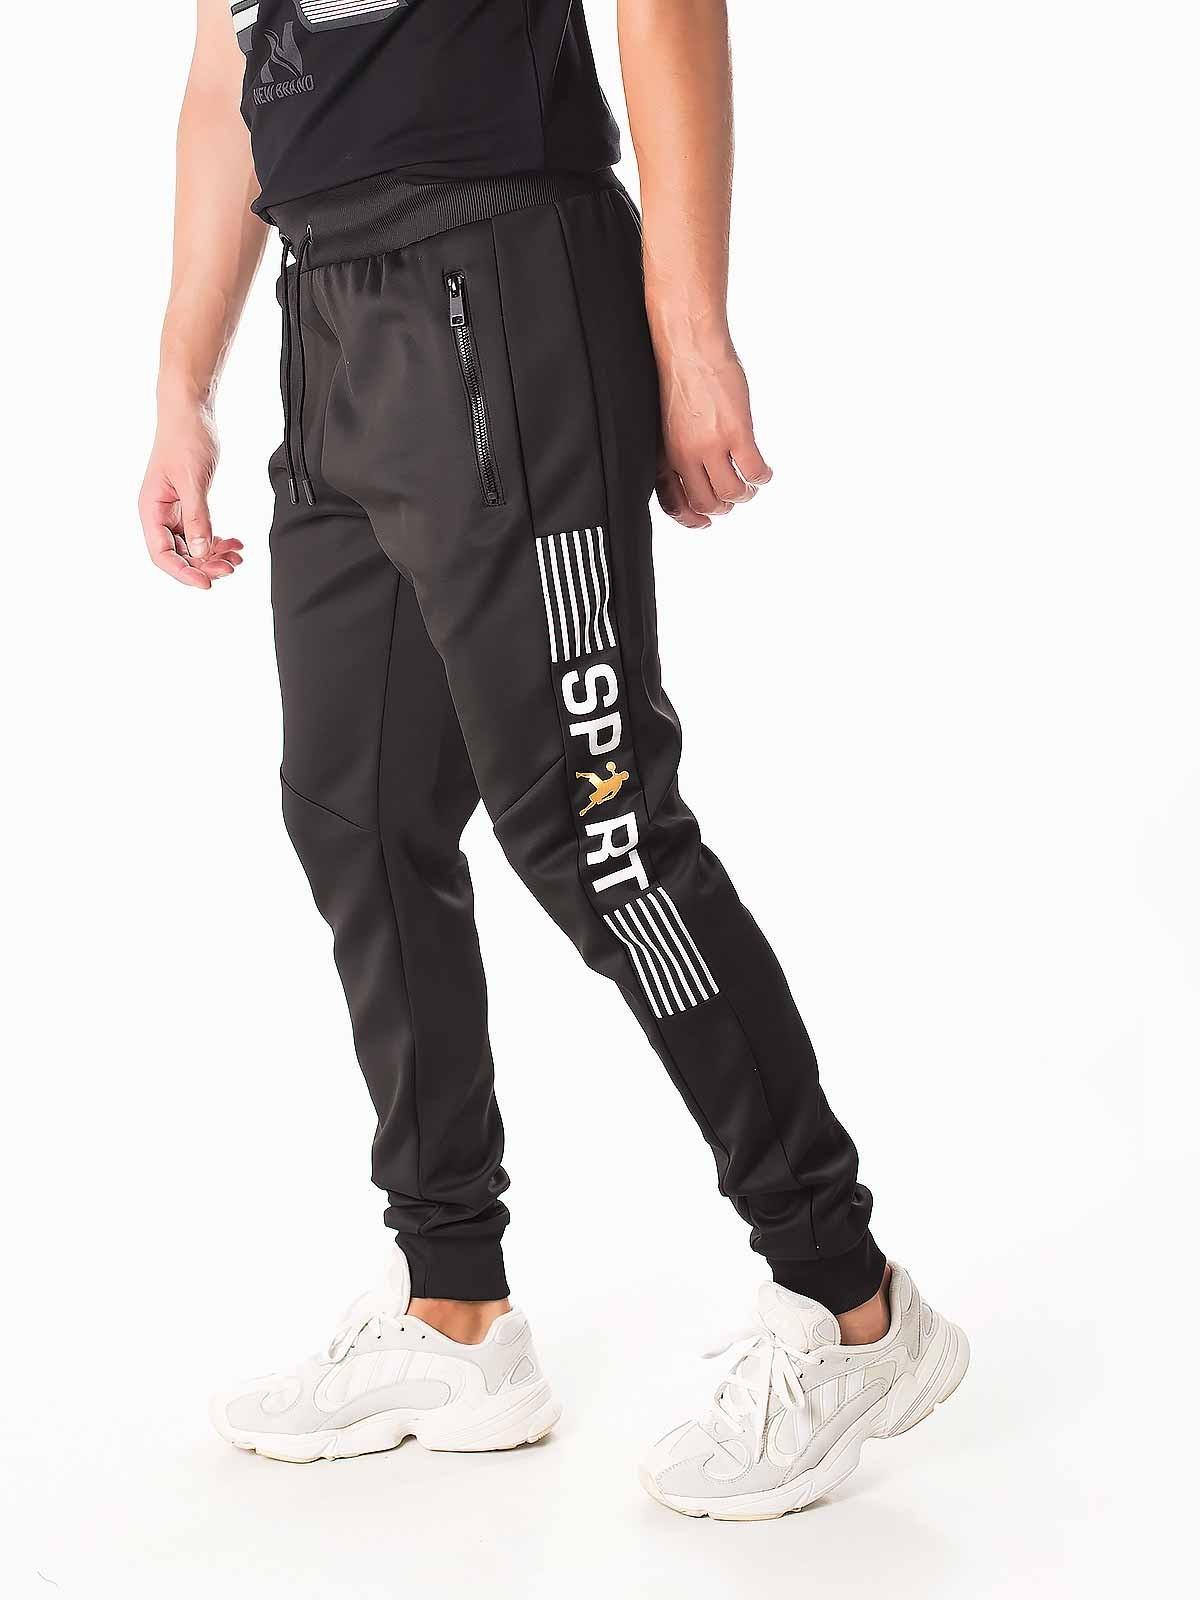 Pantalones chándal hombre estampados